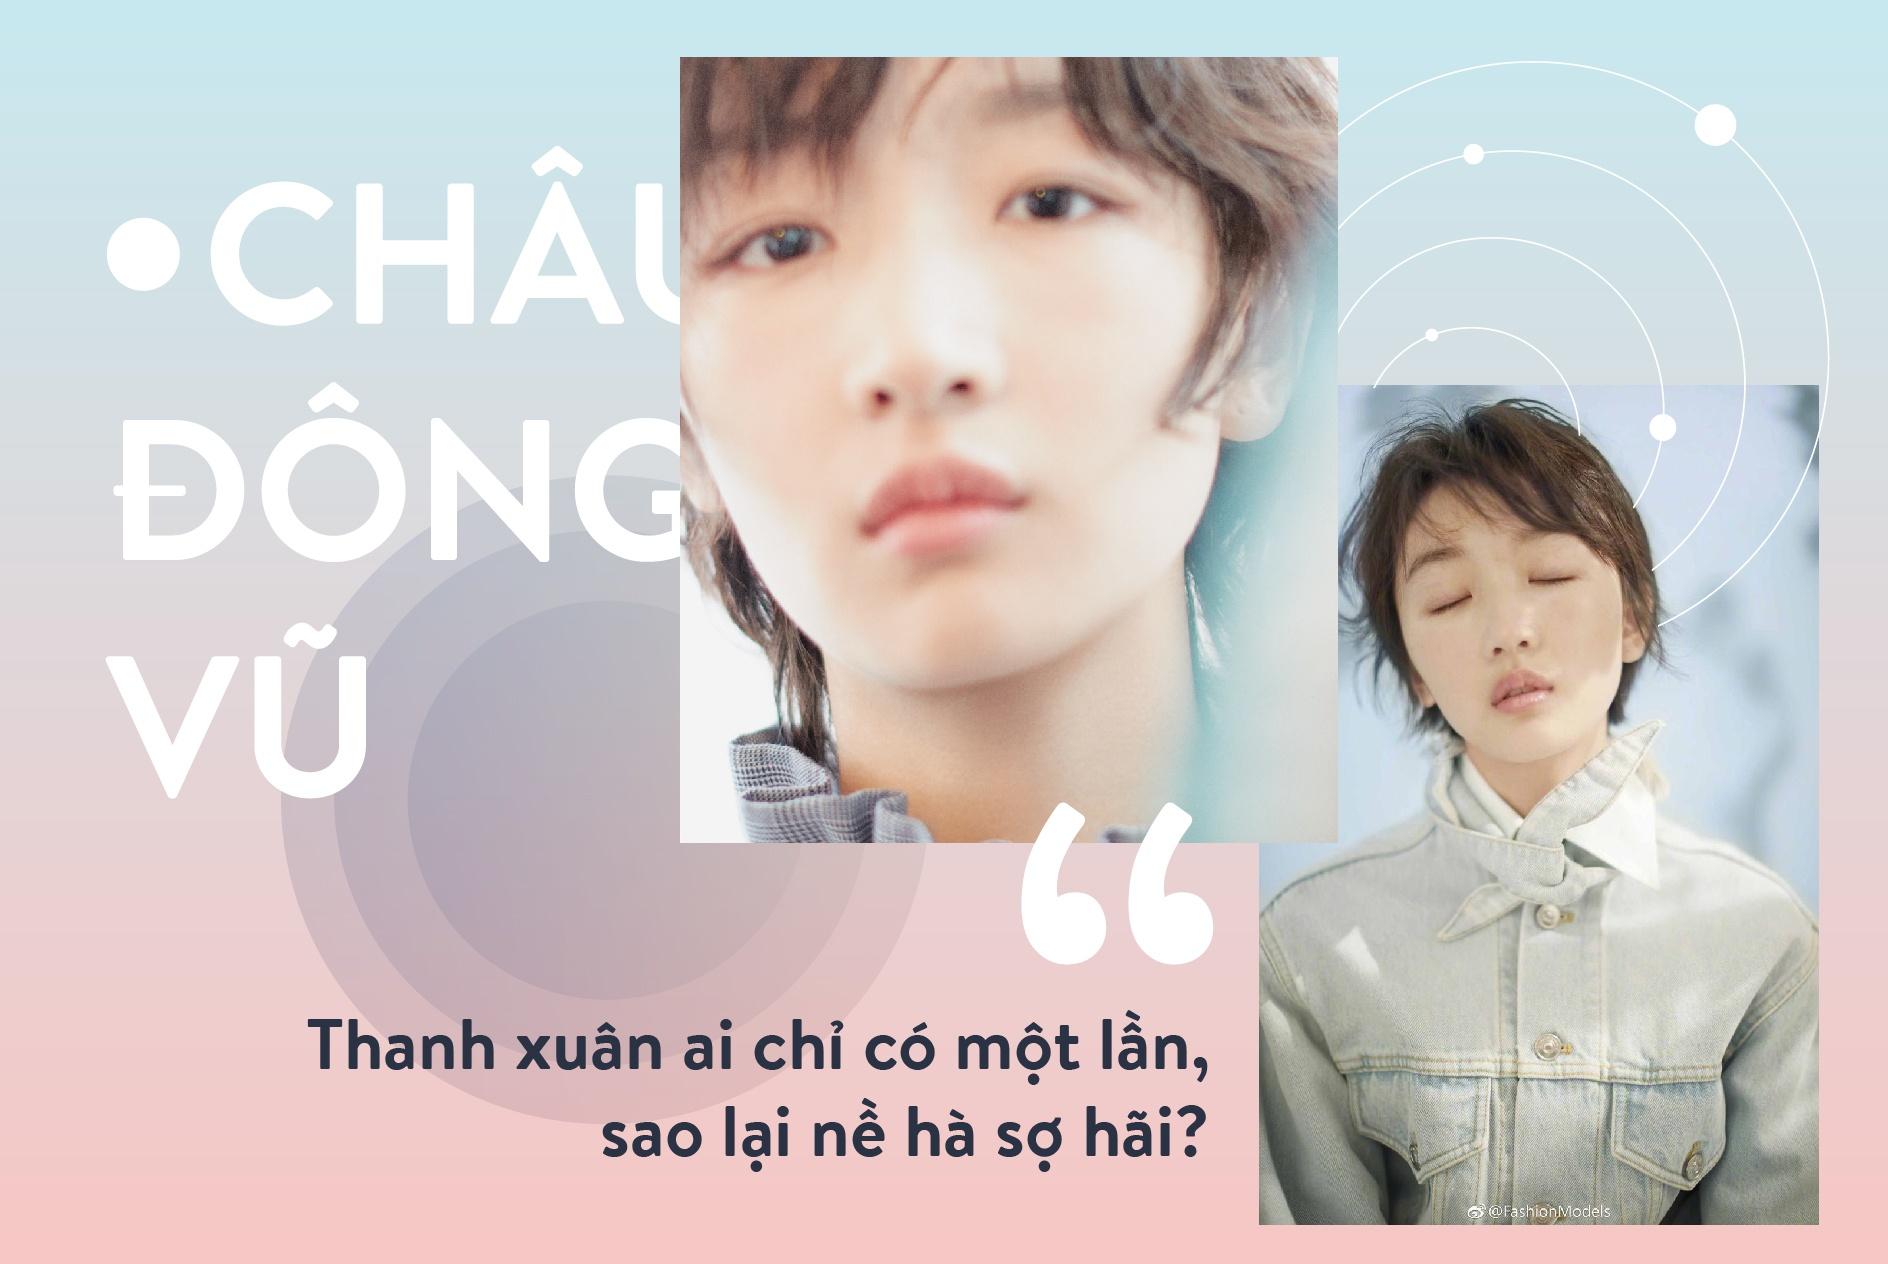 Chau Dong Vu noi tieng anh 13